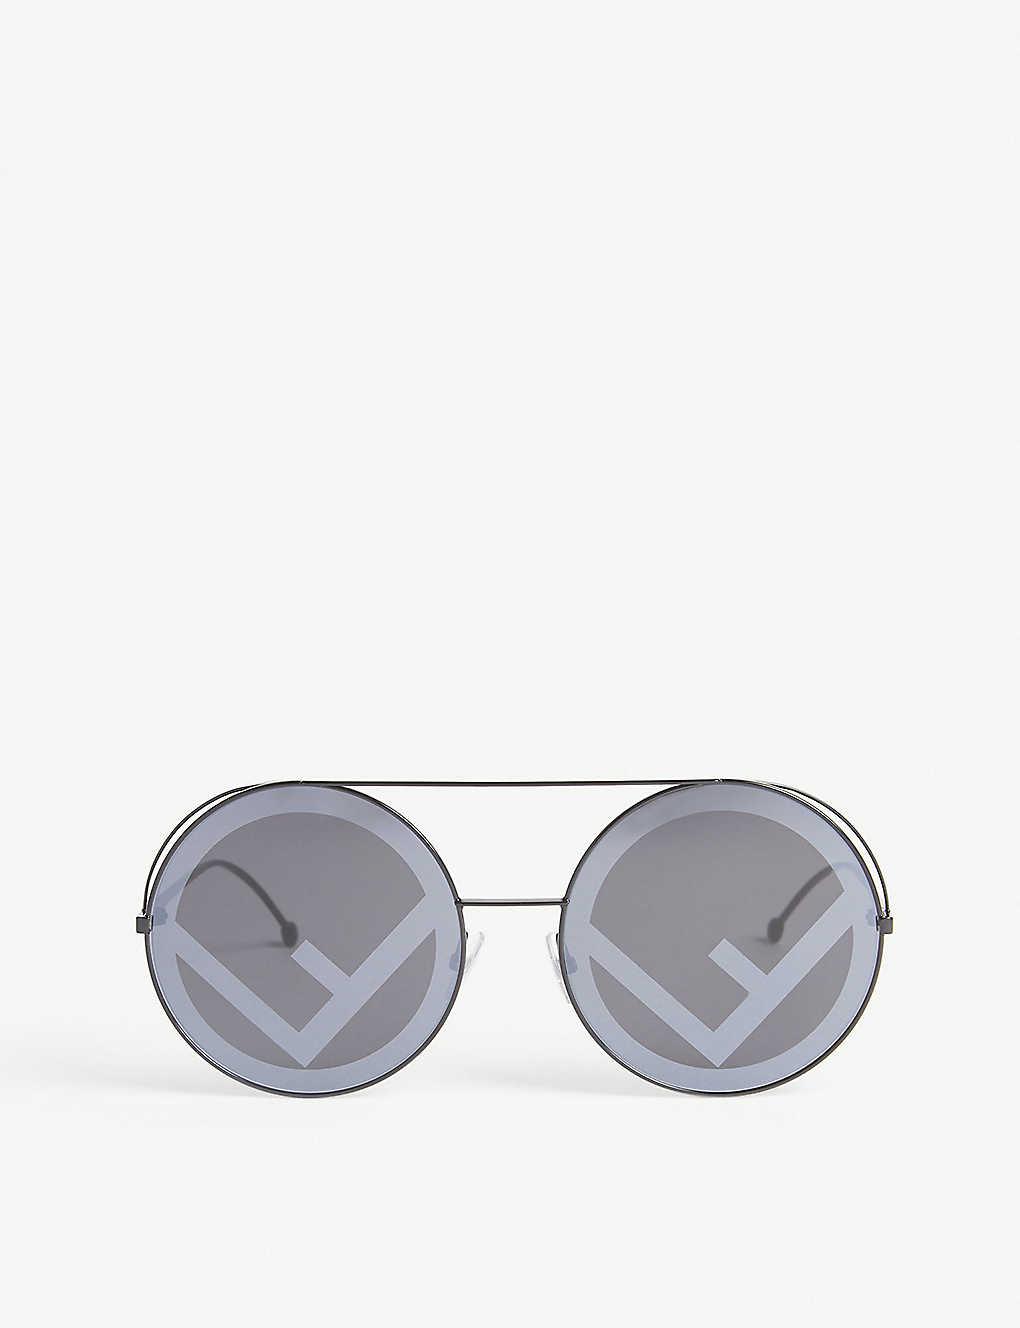 6f787cb7bca FENDI - FF0285 S round-frames sunglasses